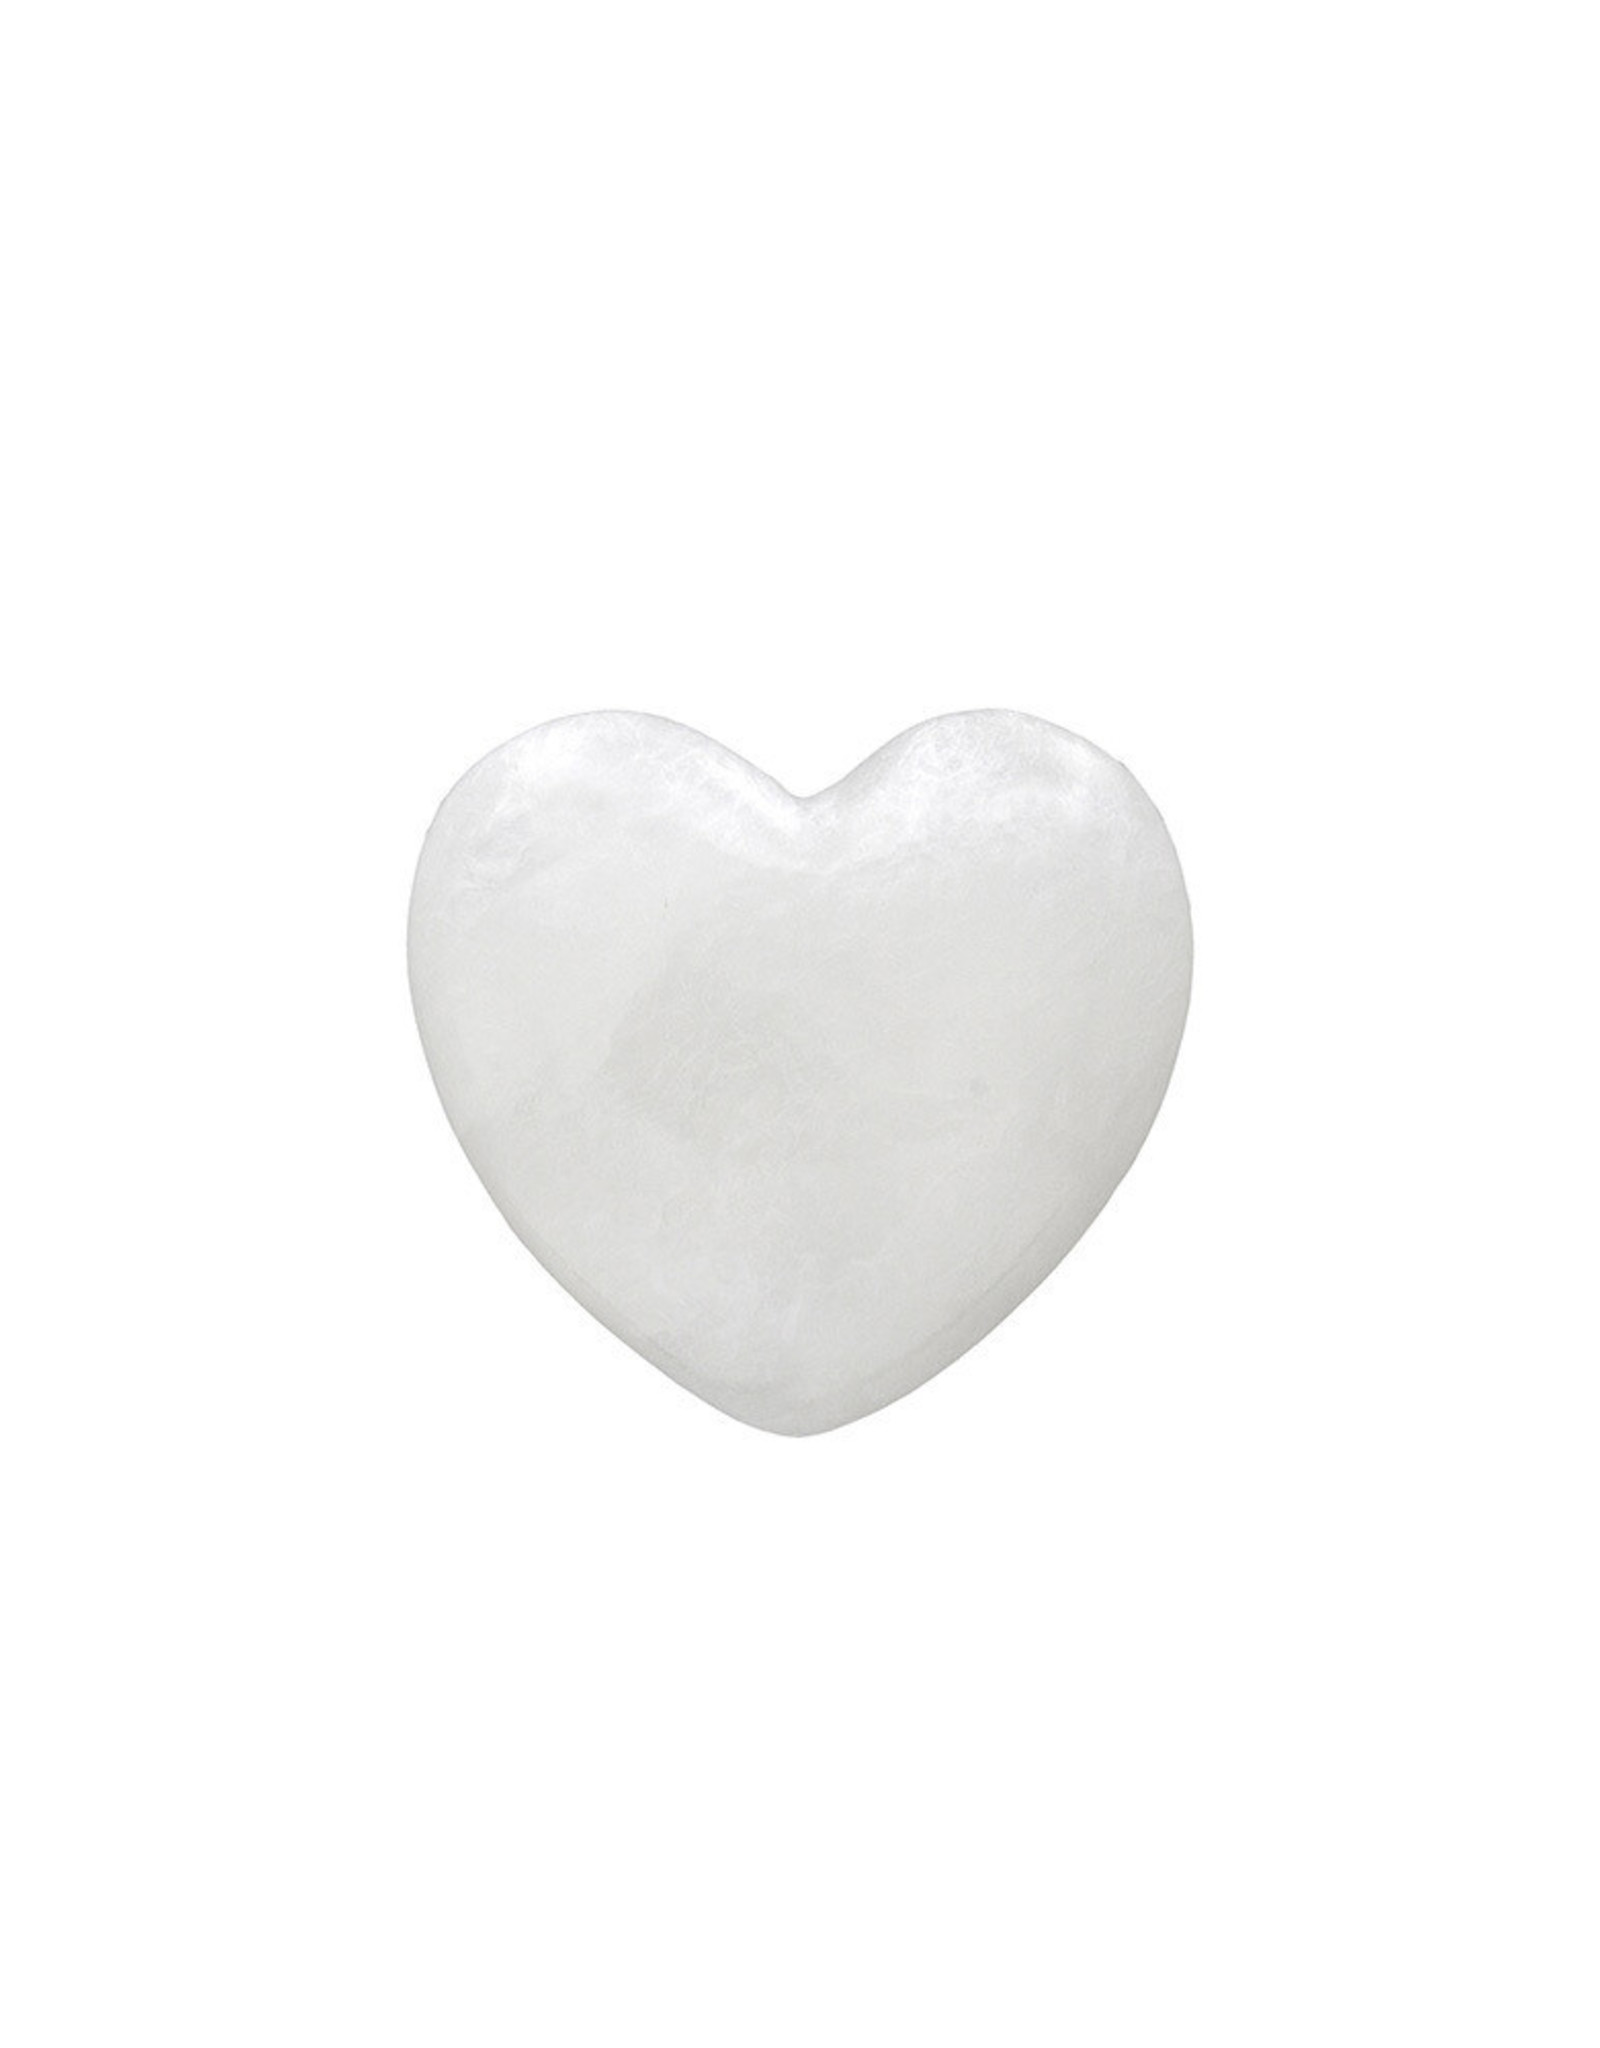 Indaba Trading Alabaster Stone Heart